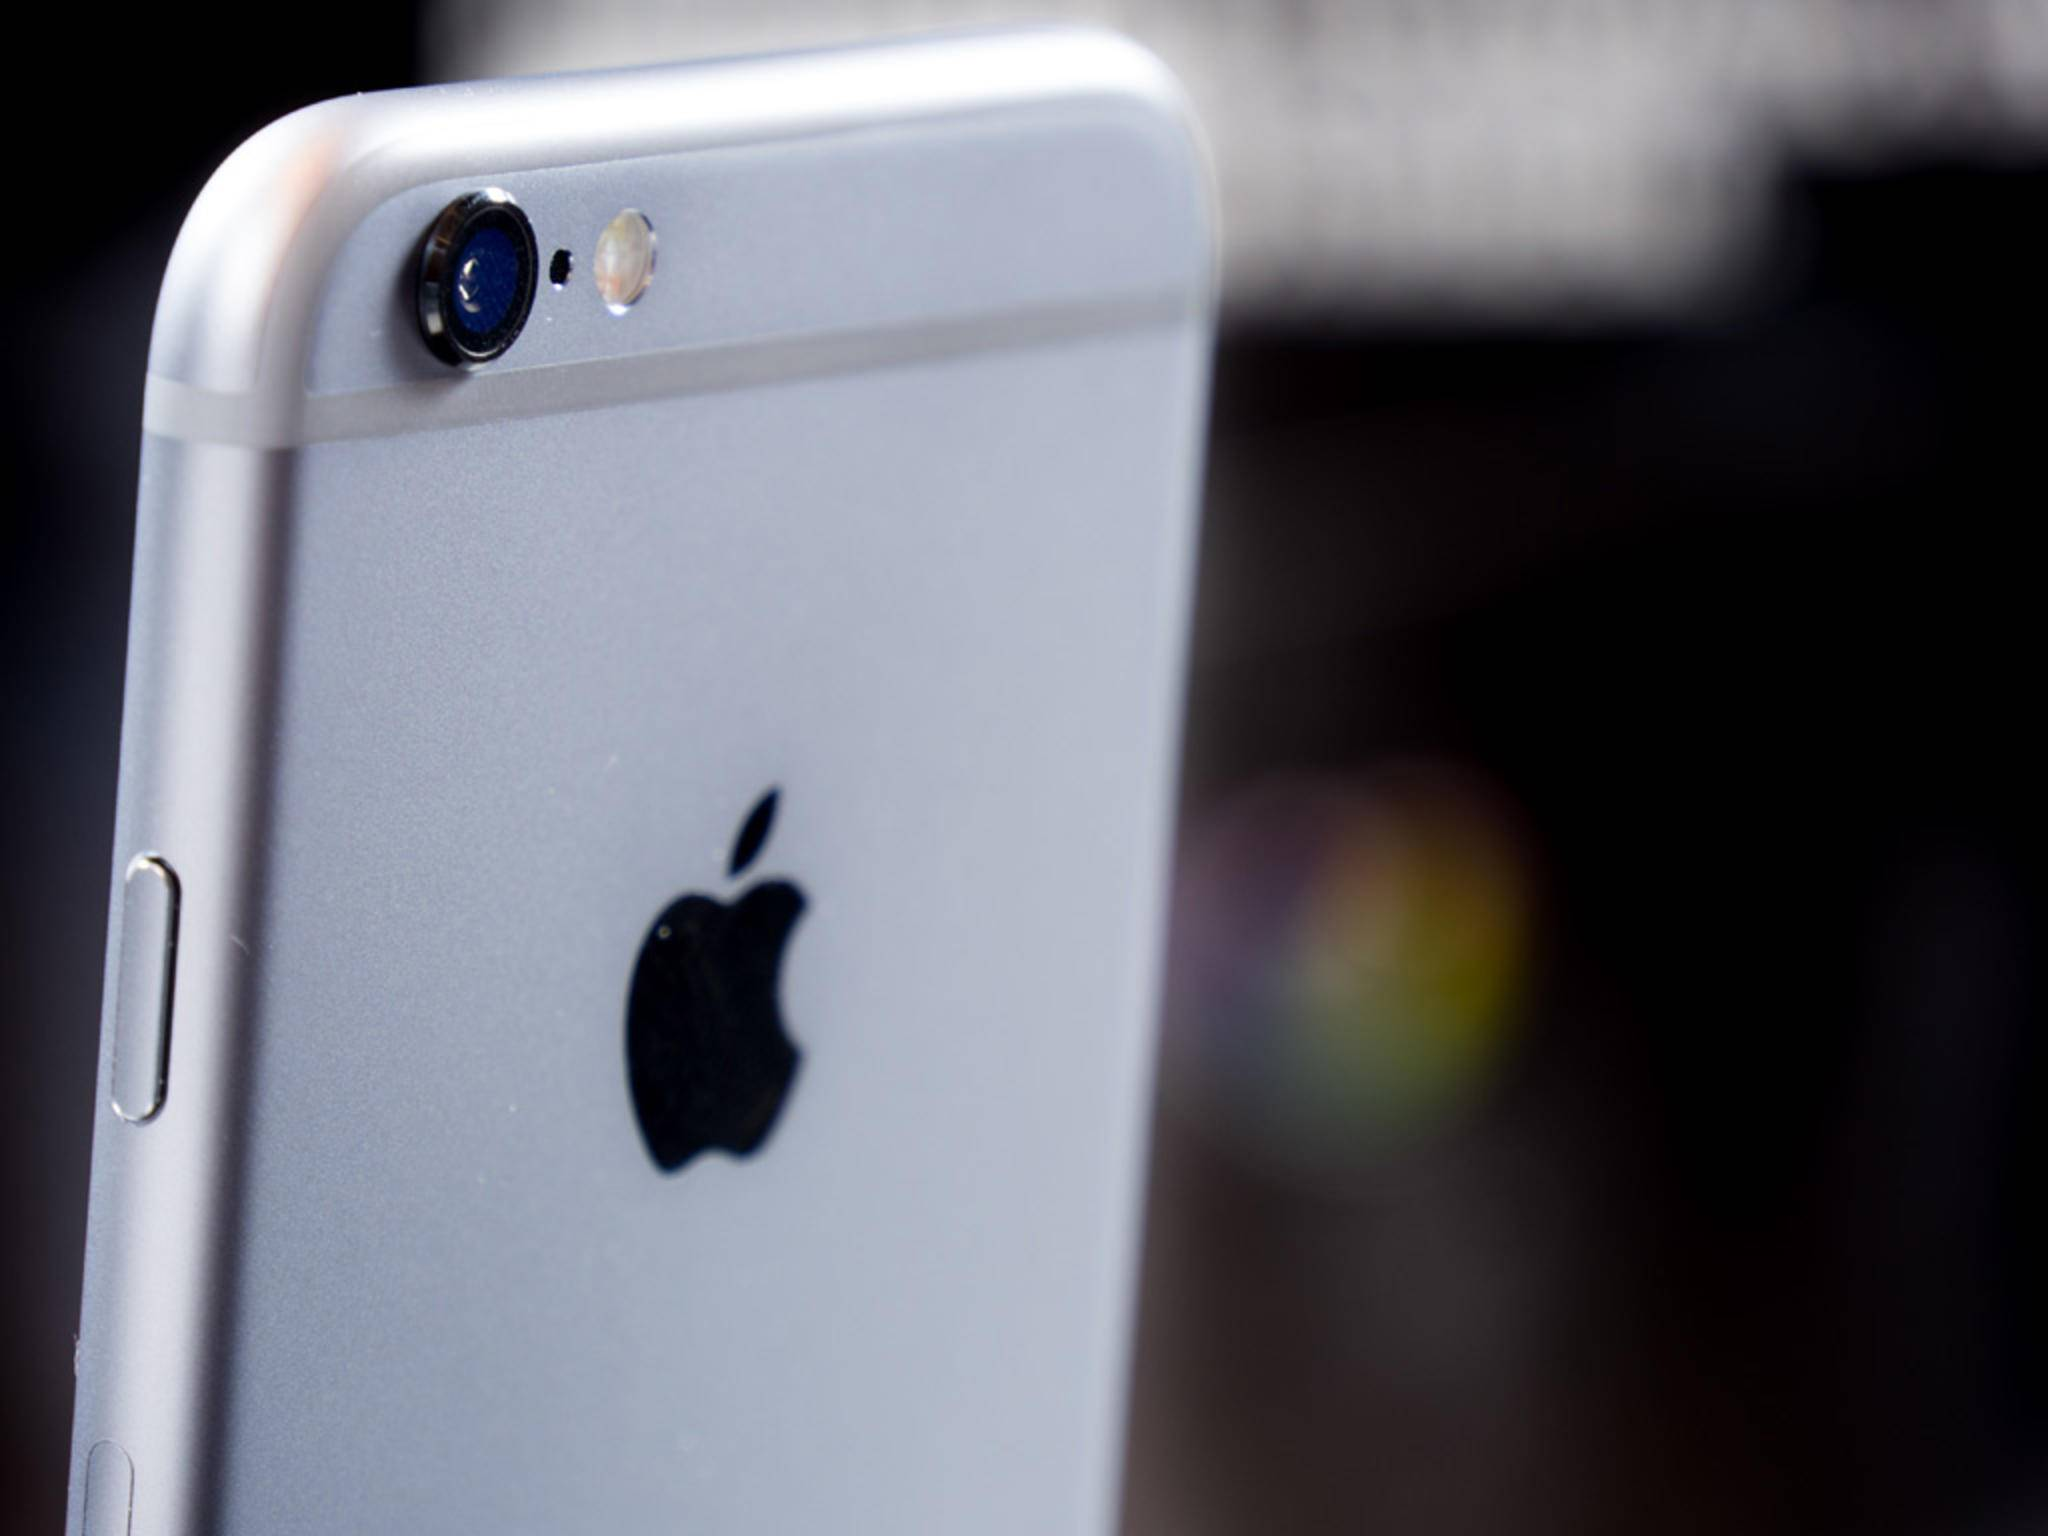 Die Kamera des iPhone 6s schießt Bilder mit maximal 12 Megapixeln.